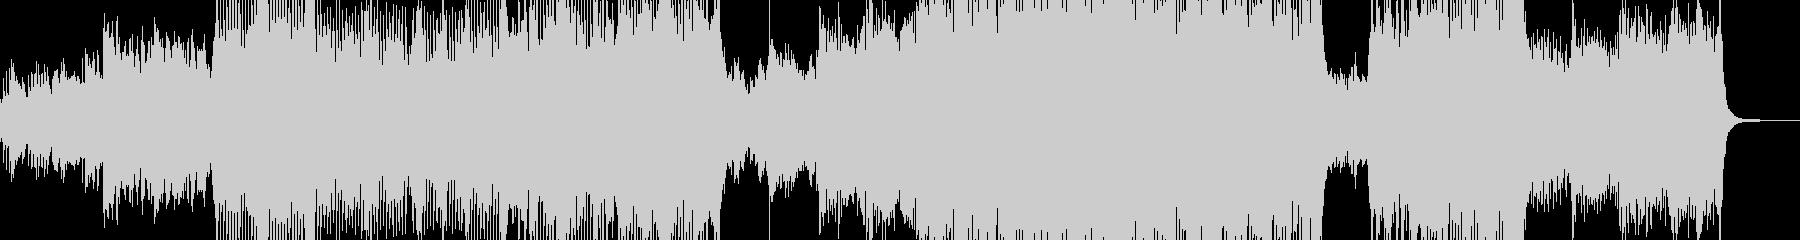 メルヘン・ファンタジックなテクノ Lの未再生の波形